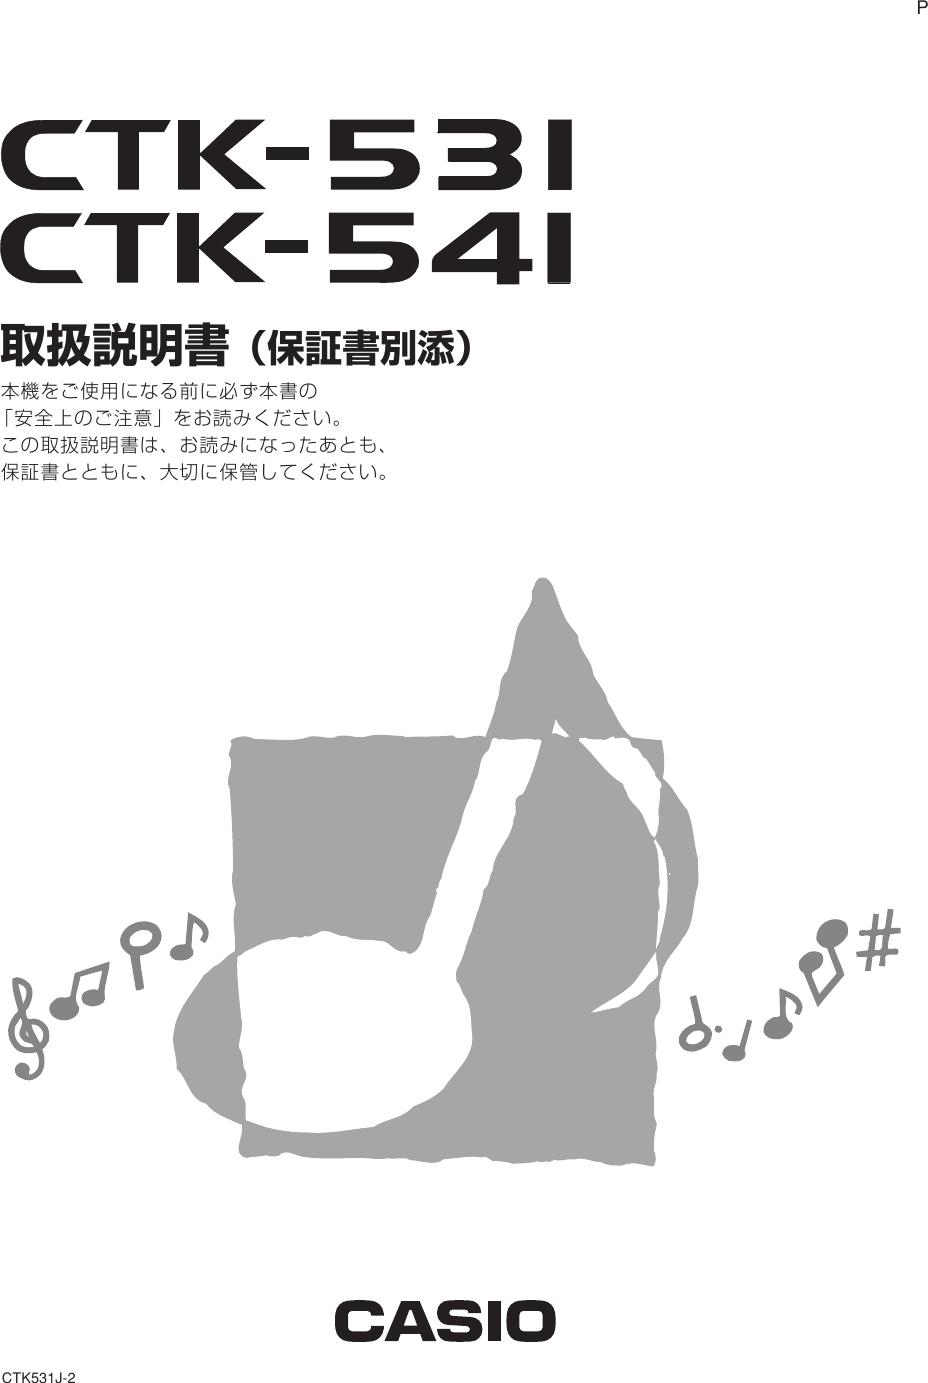 Casio CTK 531/541(J) Ł\1 531 CTK531 541